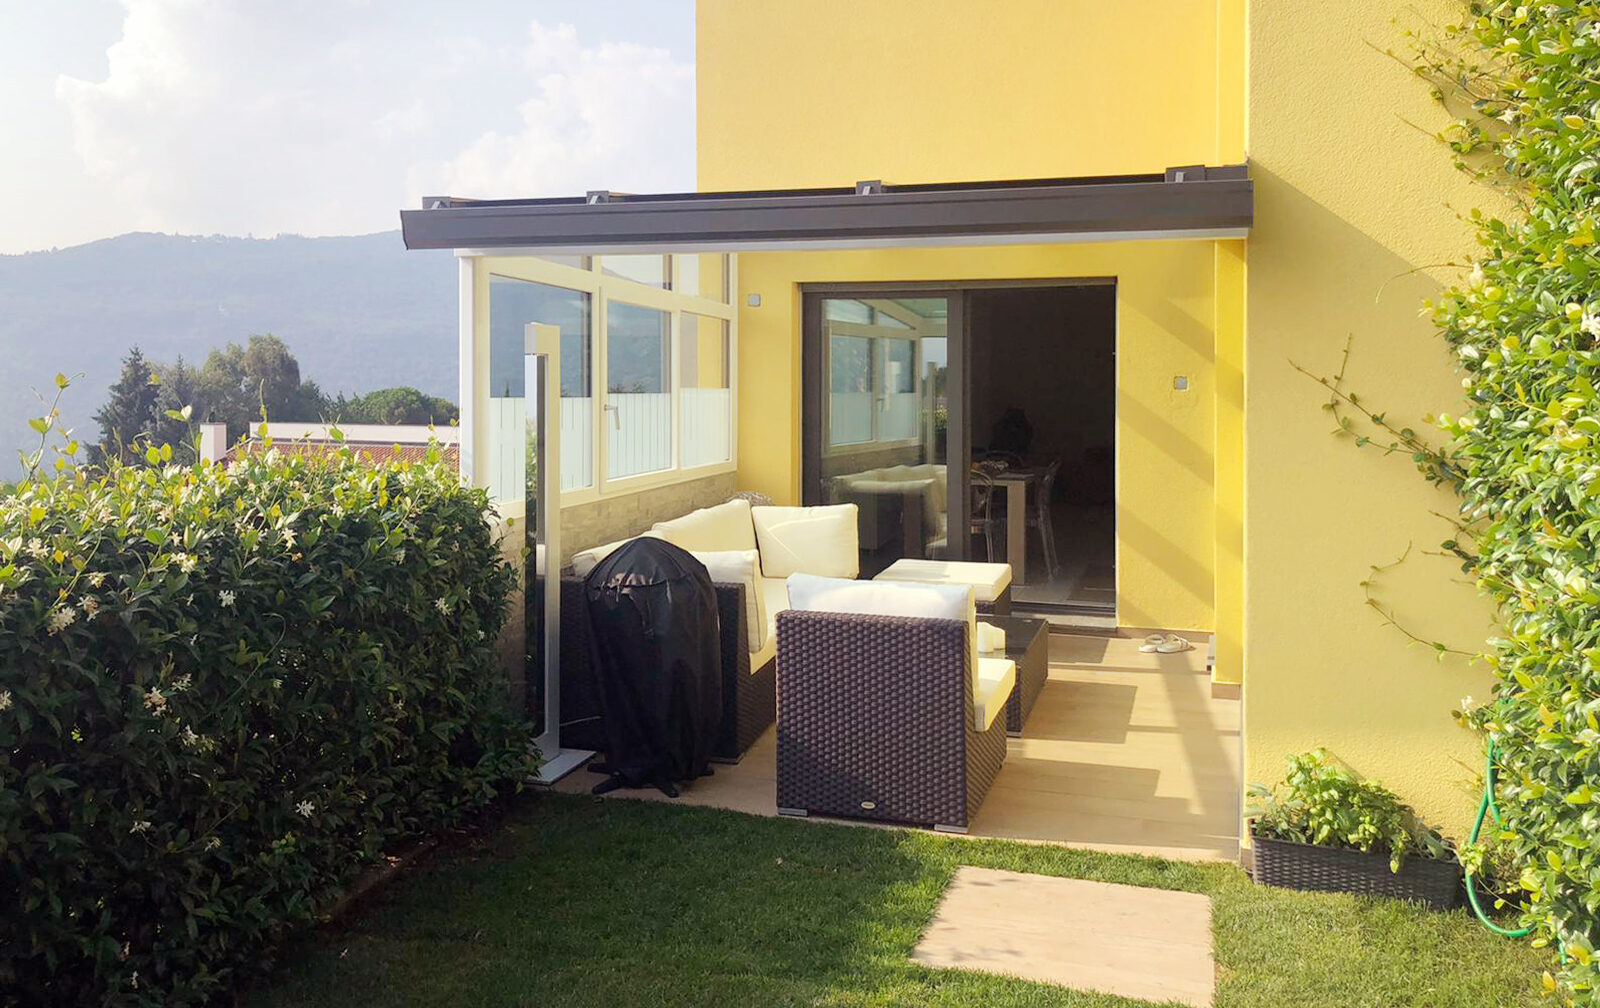 nuova veranda chiusa finextra como